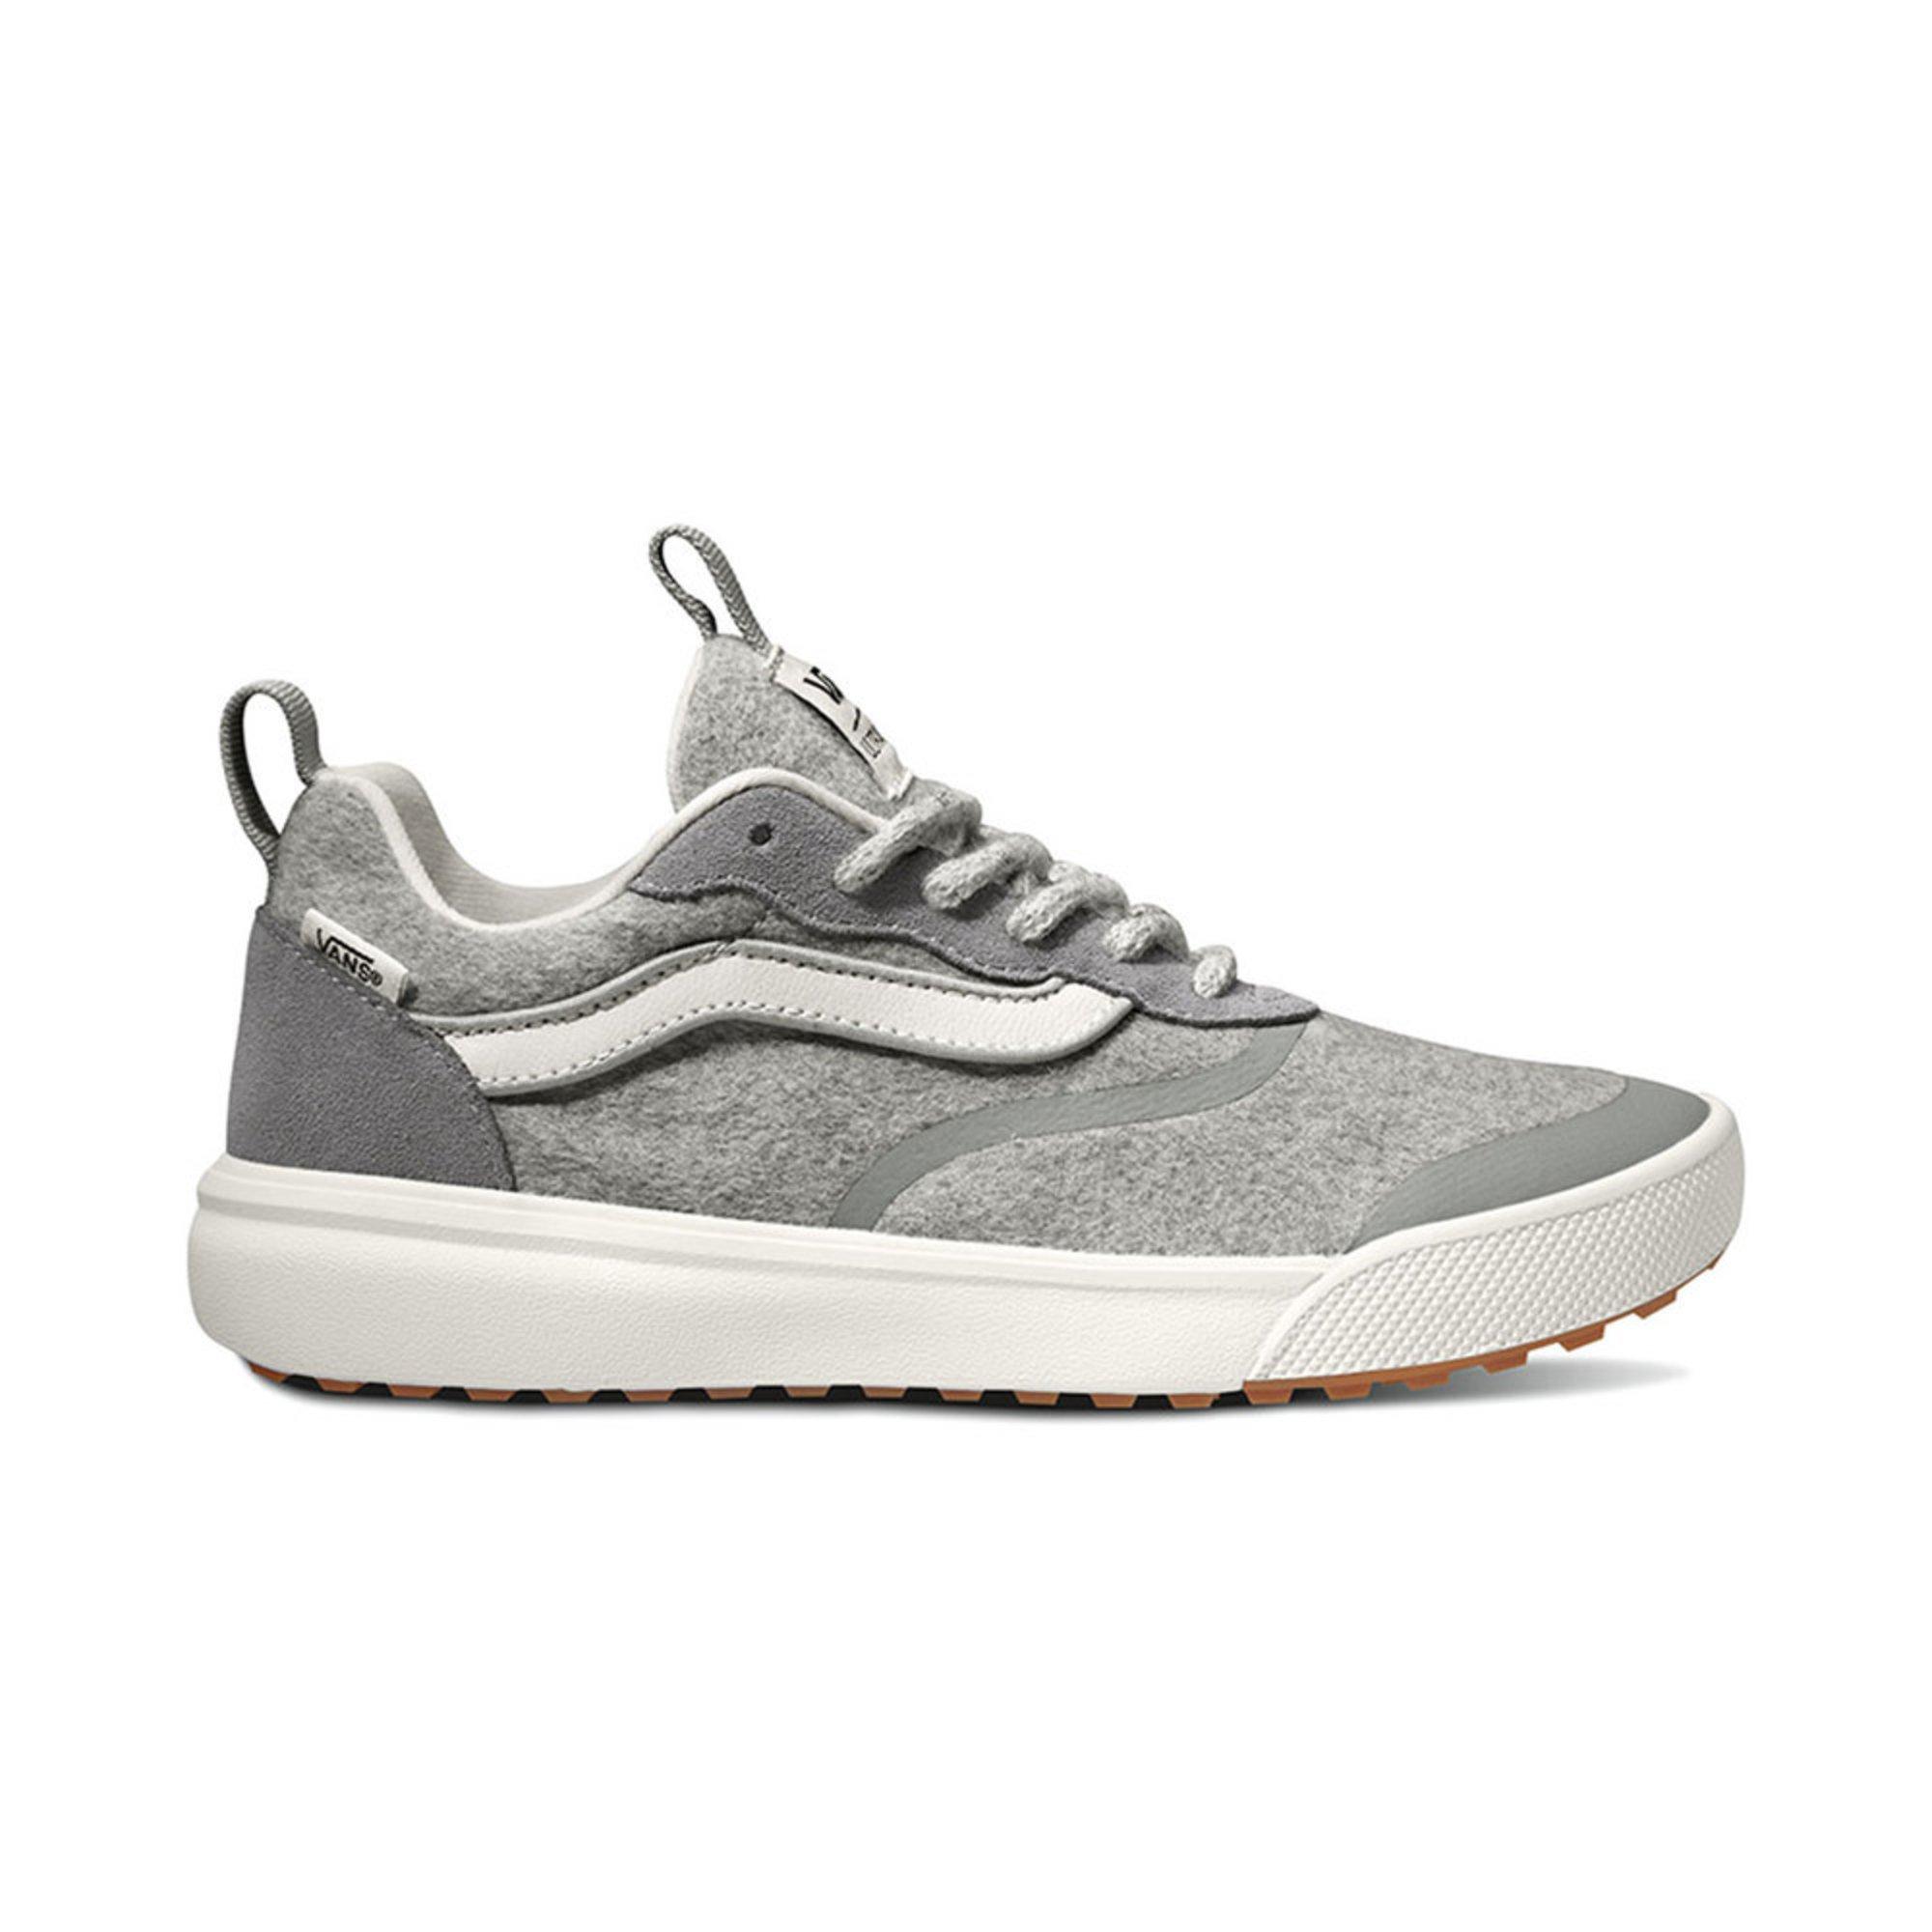 65608a74fb1 Vans. Vans Unisex Ultrarange Rapidweld Lifestyle Shoe